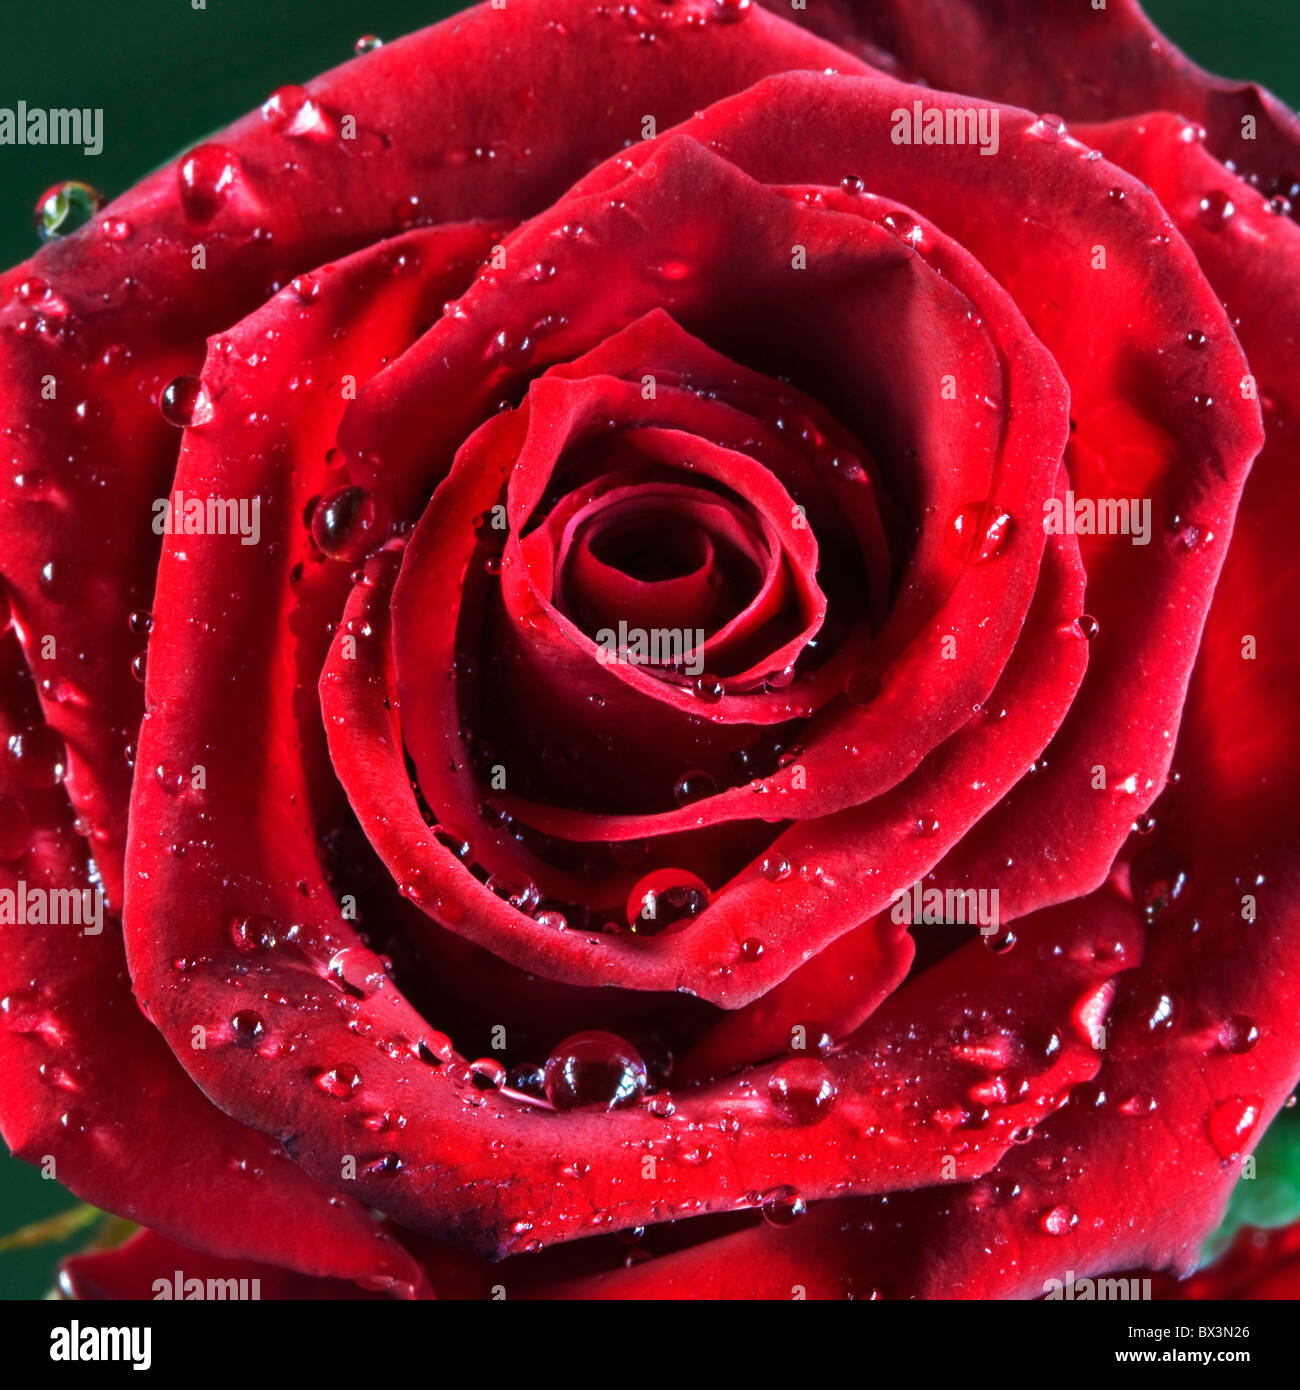 Rosa roja cubiertos de gotas de agua Imagen De Stock